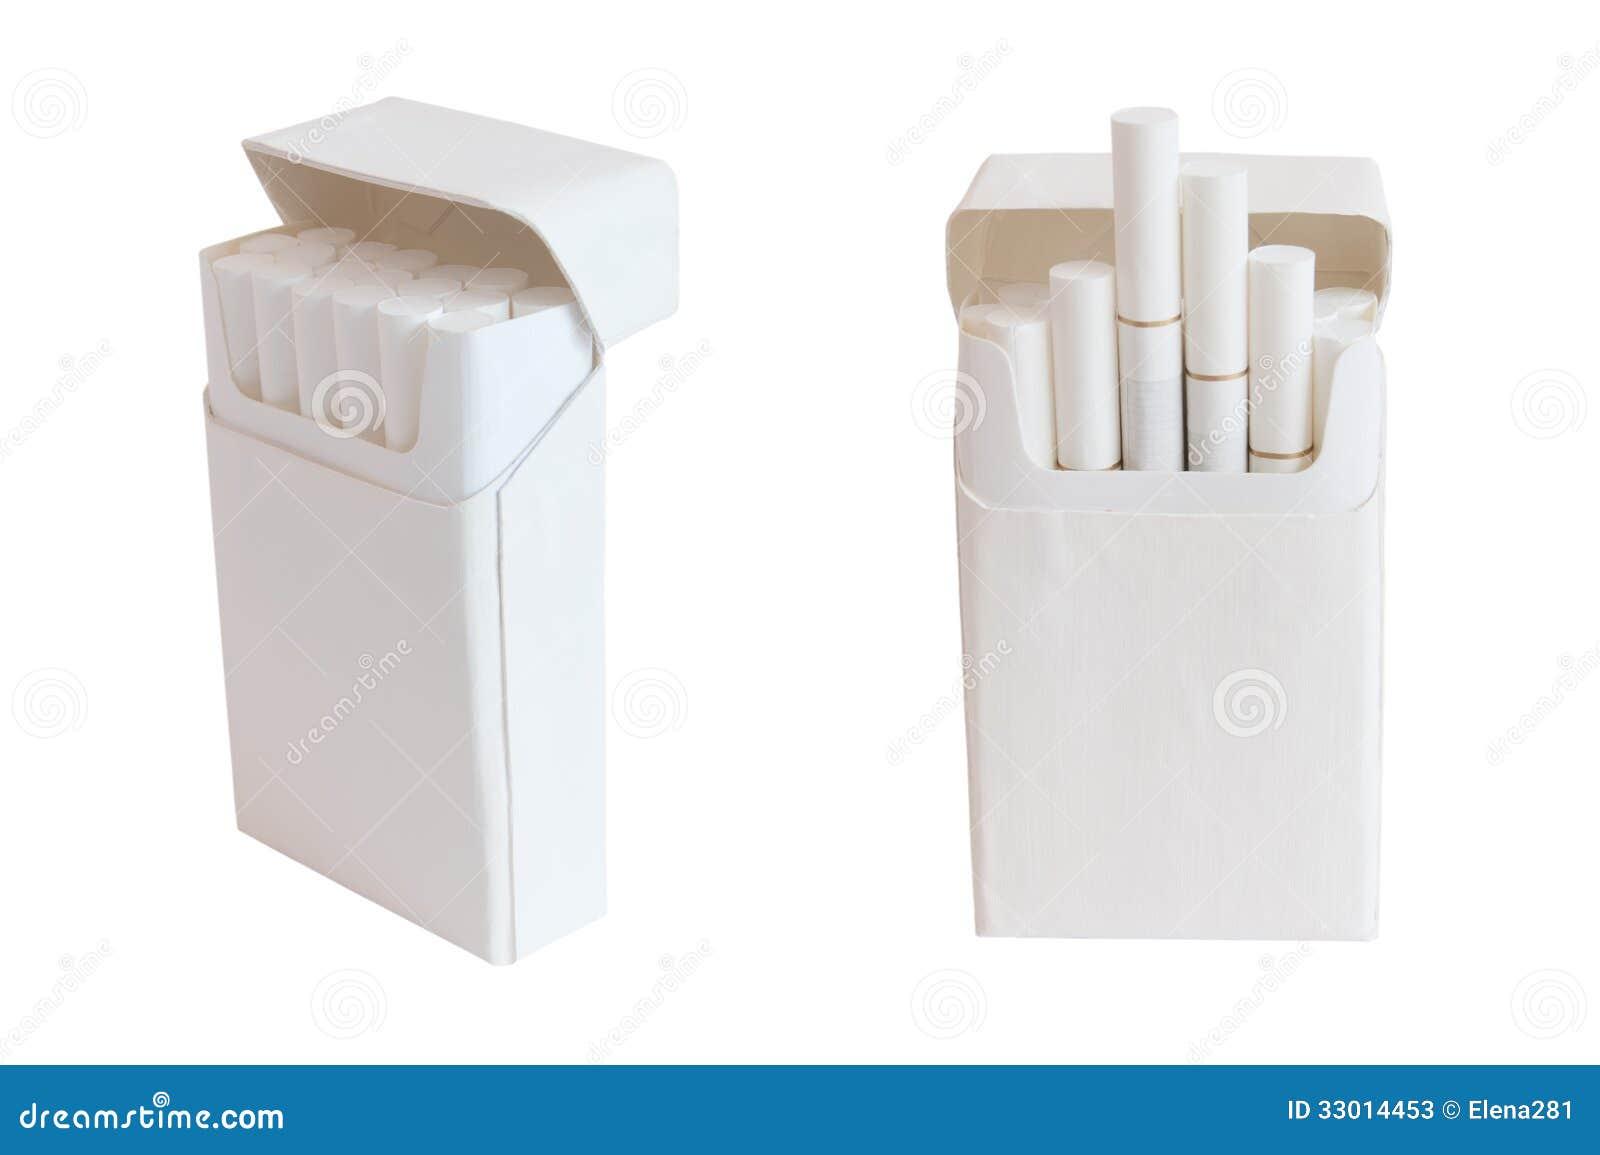 Come smettere di fumare su un norbekova